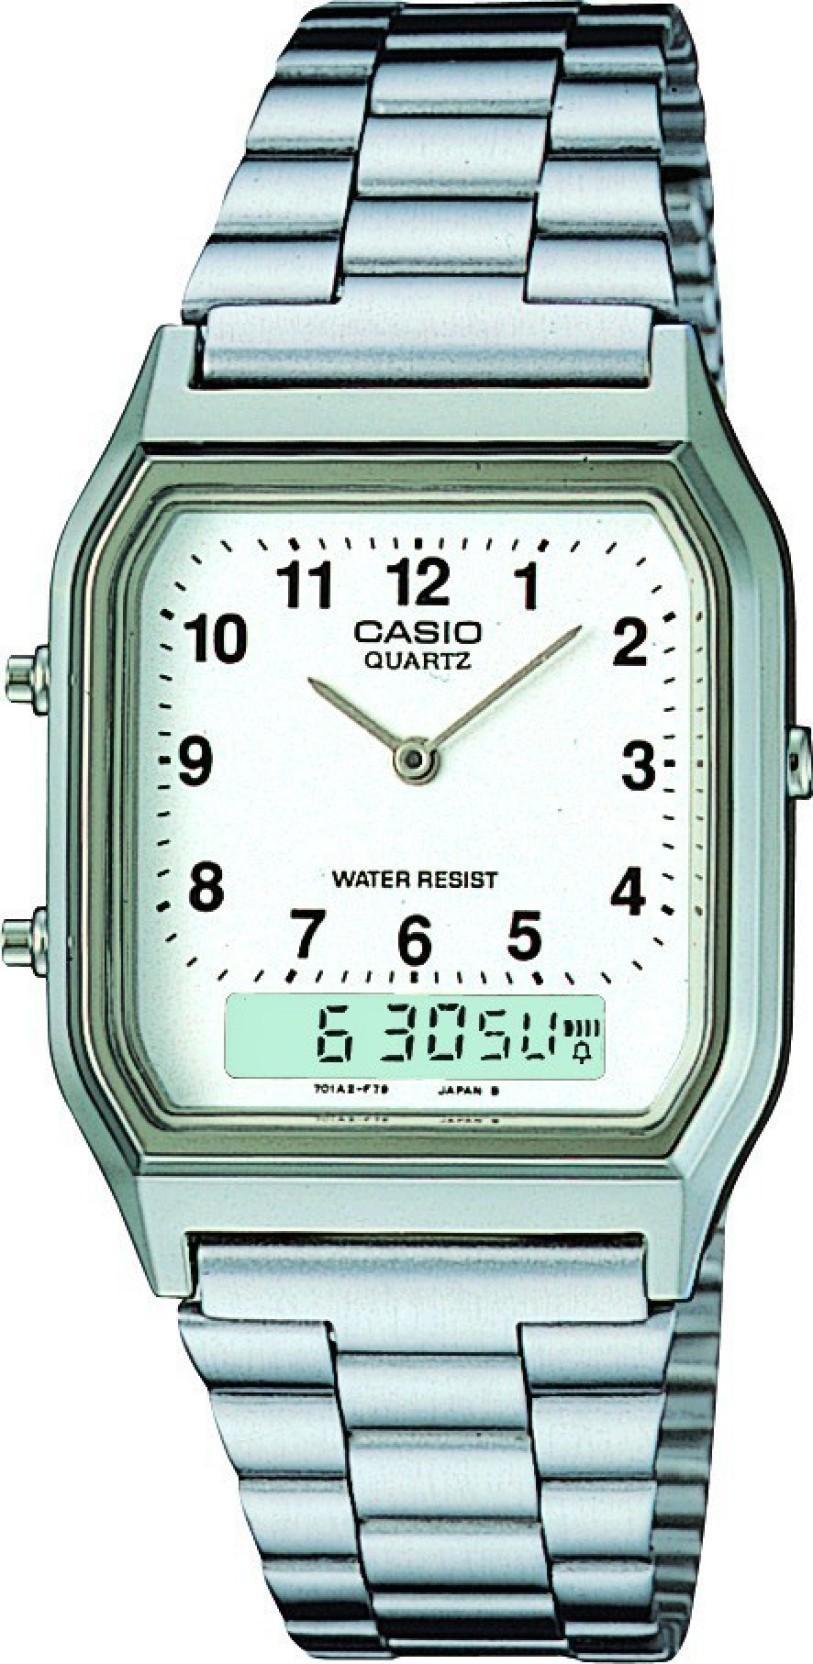 Casio AD02 Vintage Series Watch - For Men & Women